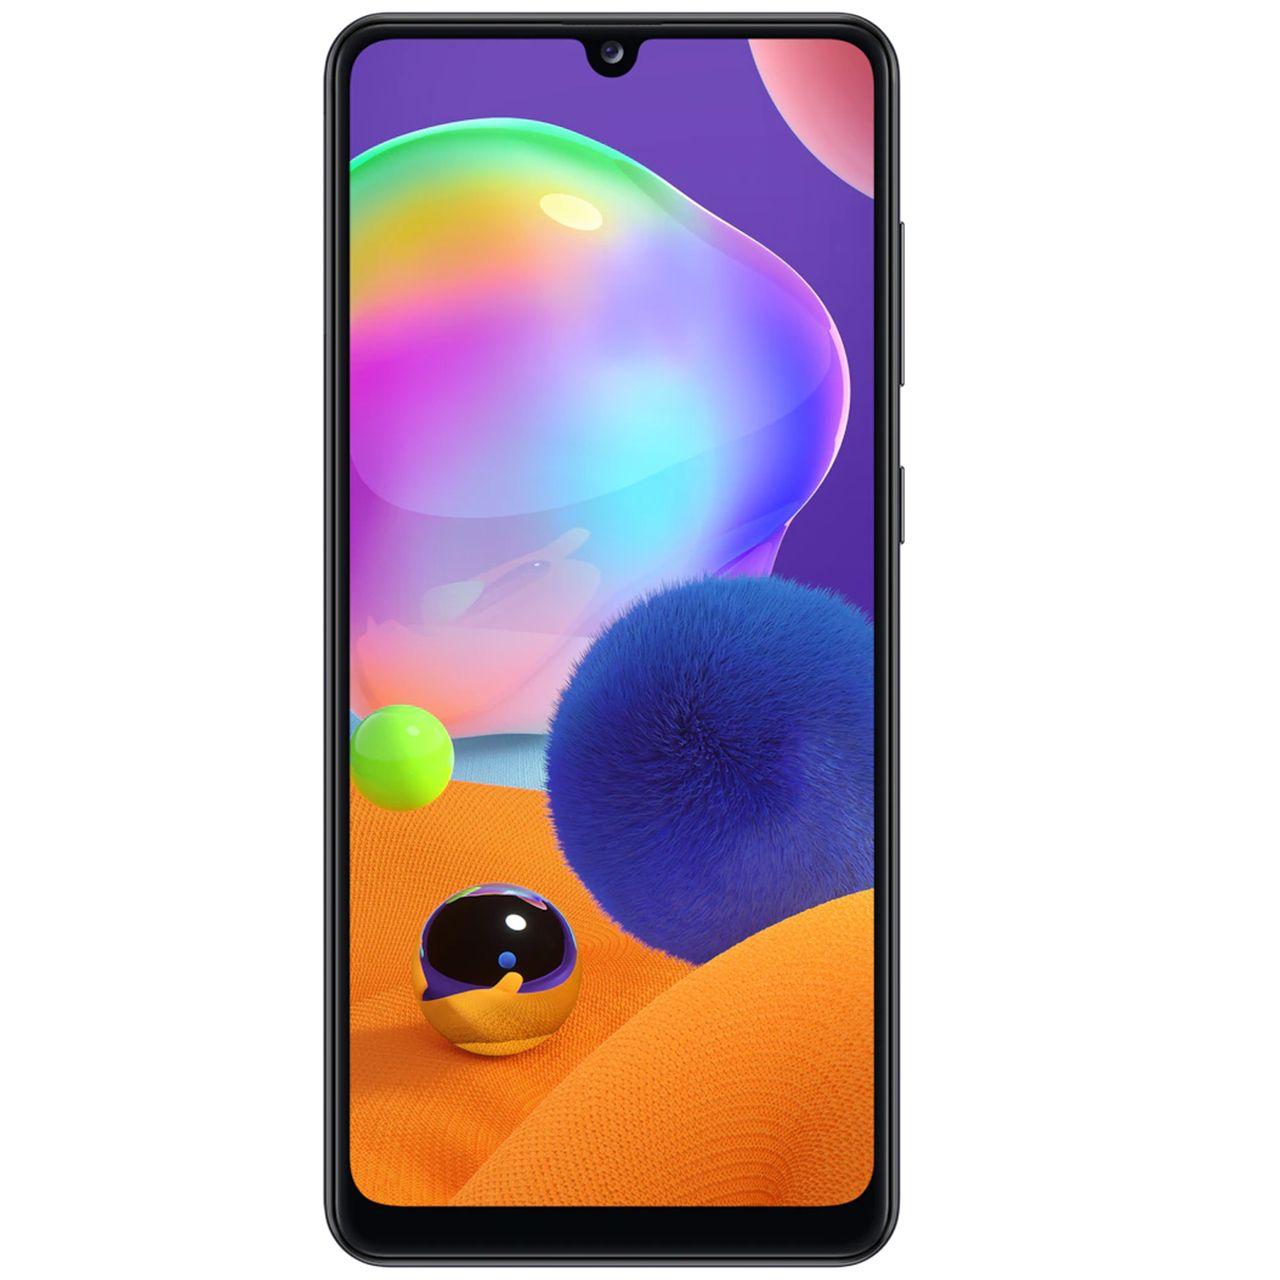 گوشی موبایل سامسونگ مدل Galaxy A31 SM-A315F/DS دو سیم کارت ظرفیت ۱۲۸ گیگابایت